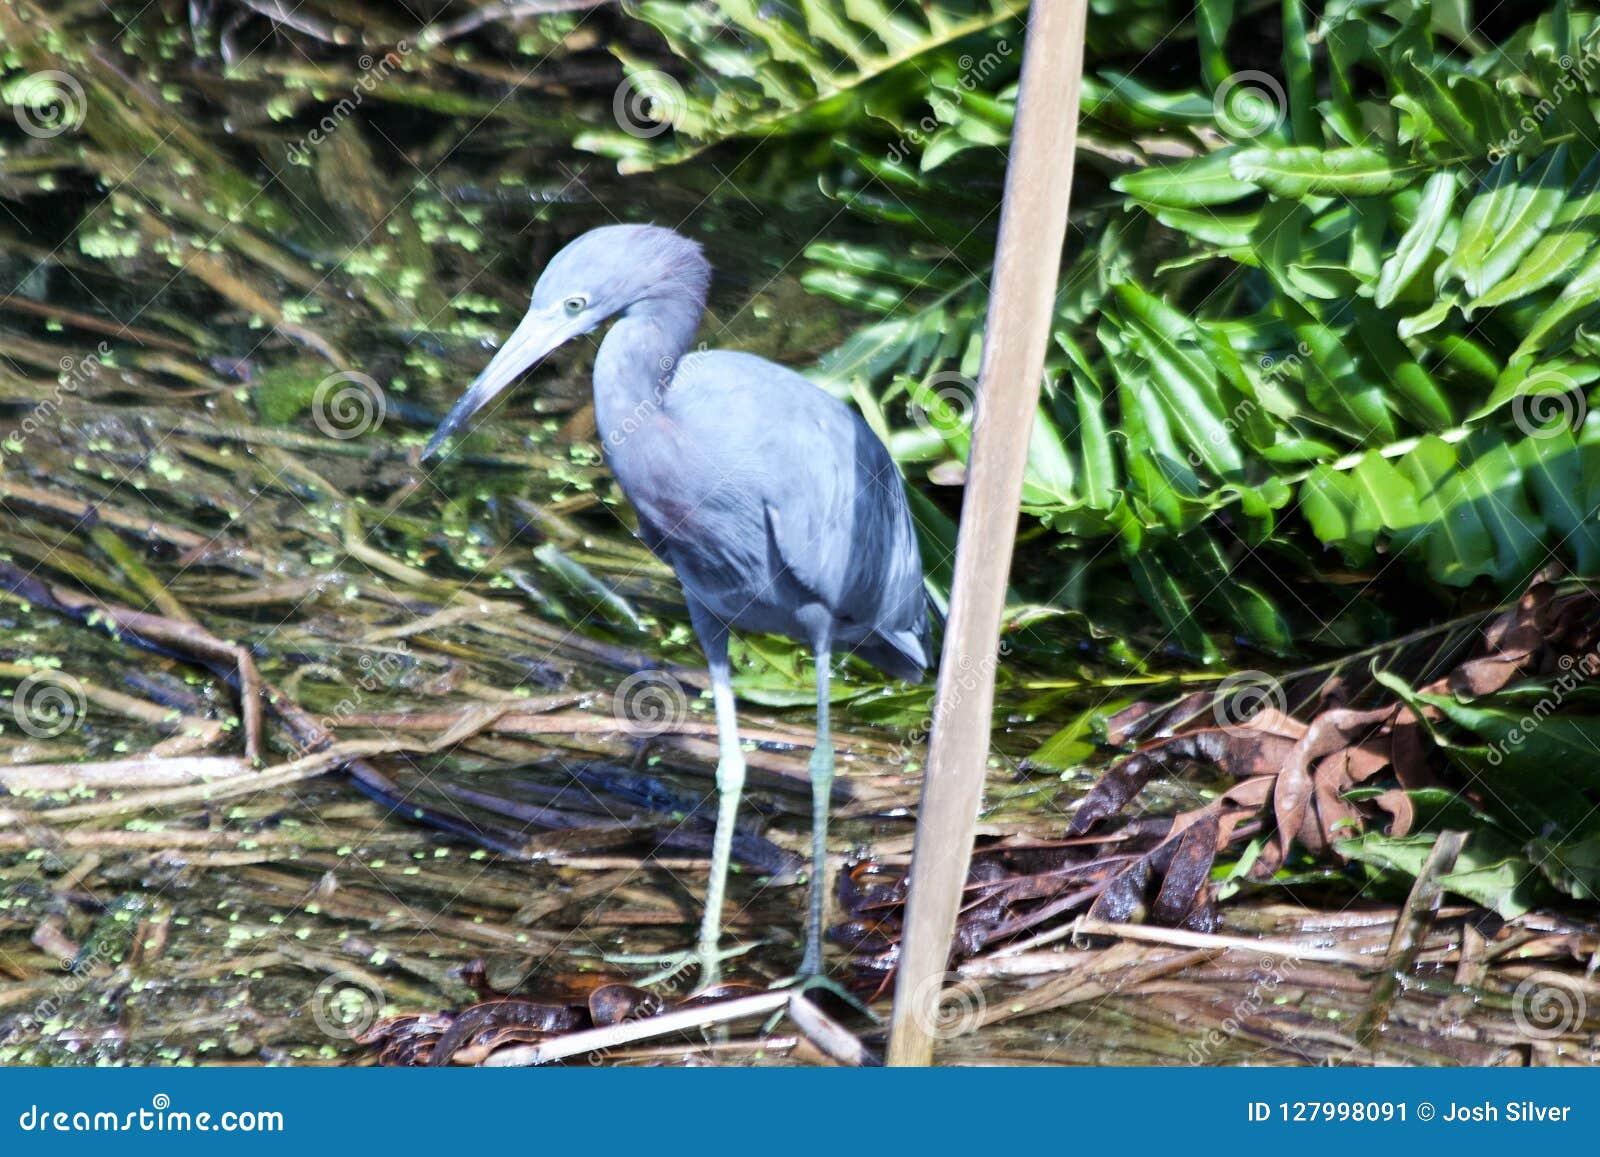 Pájaro azul que se coloca en el agua